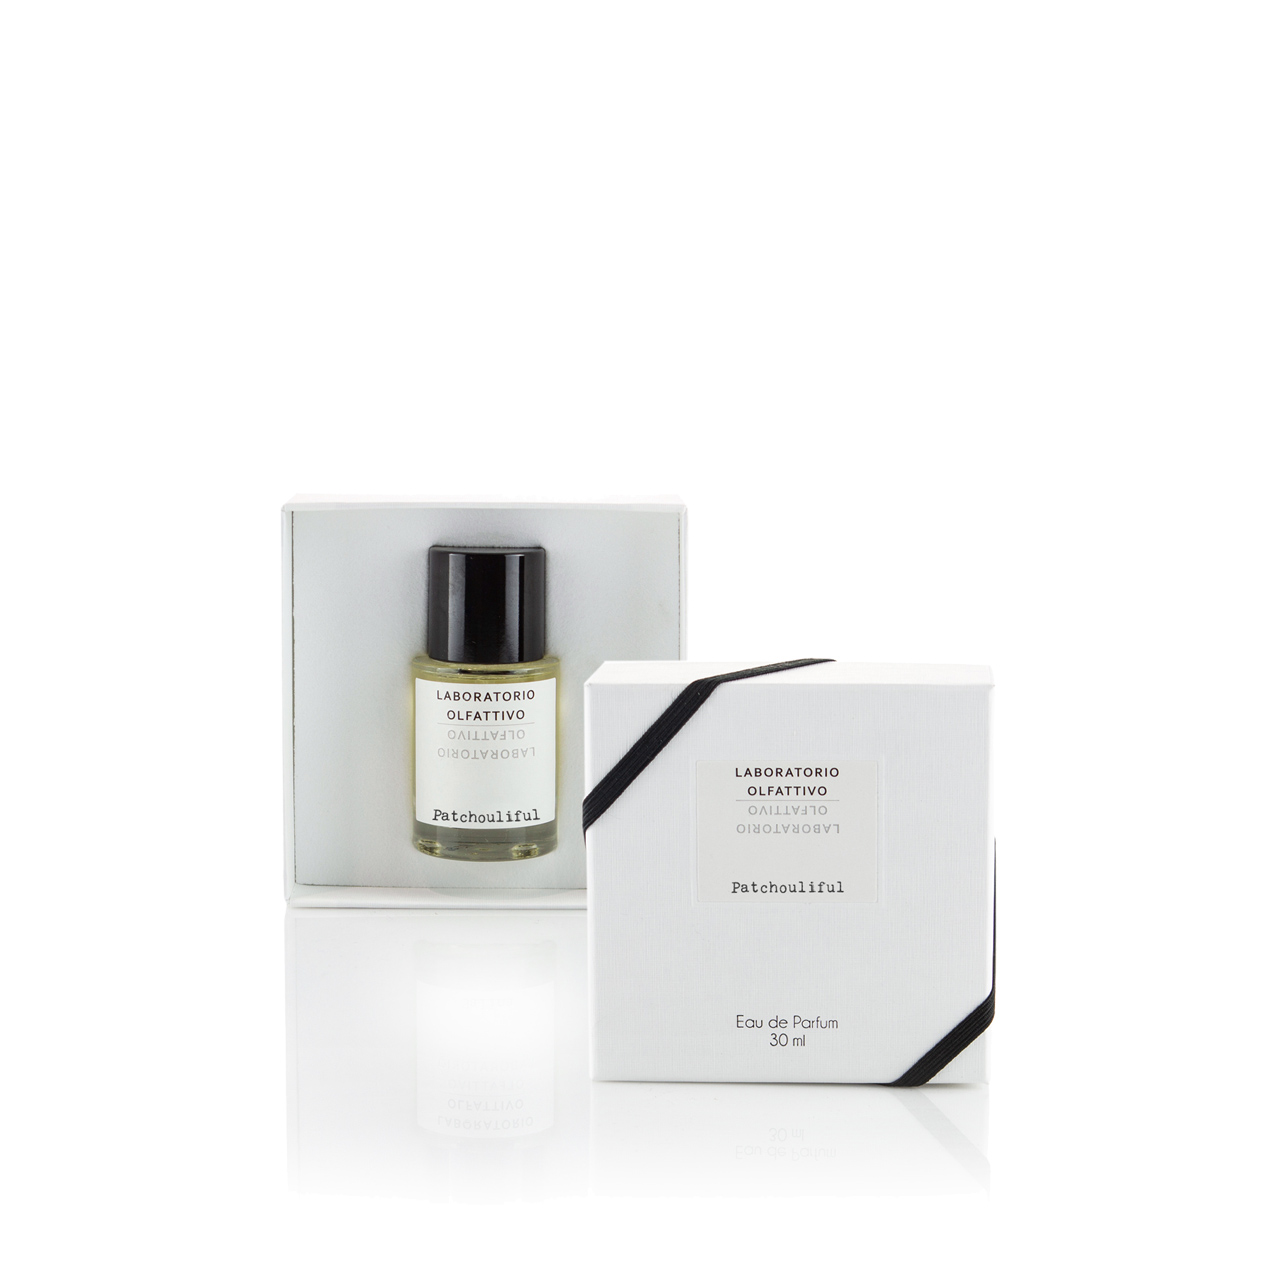 Patchouliful - Eau de Parfum